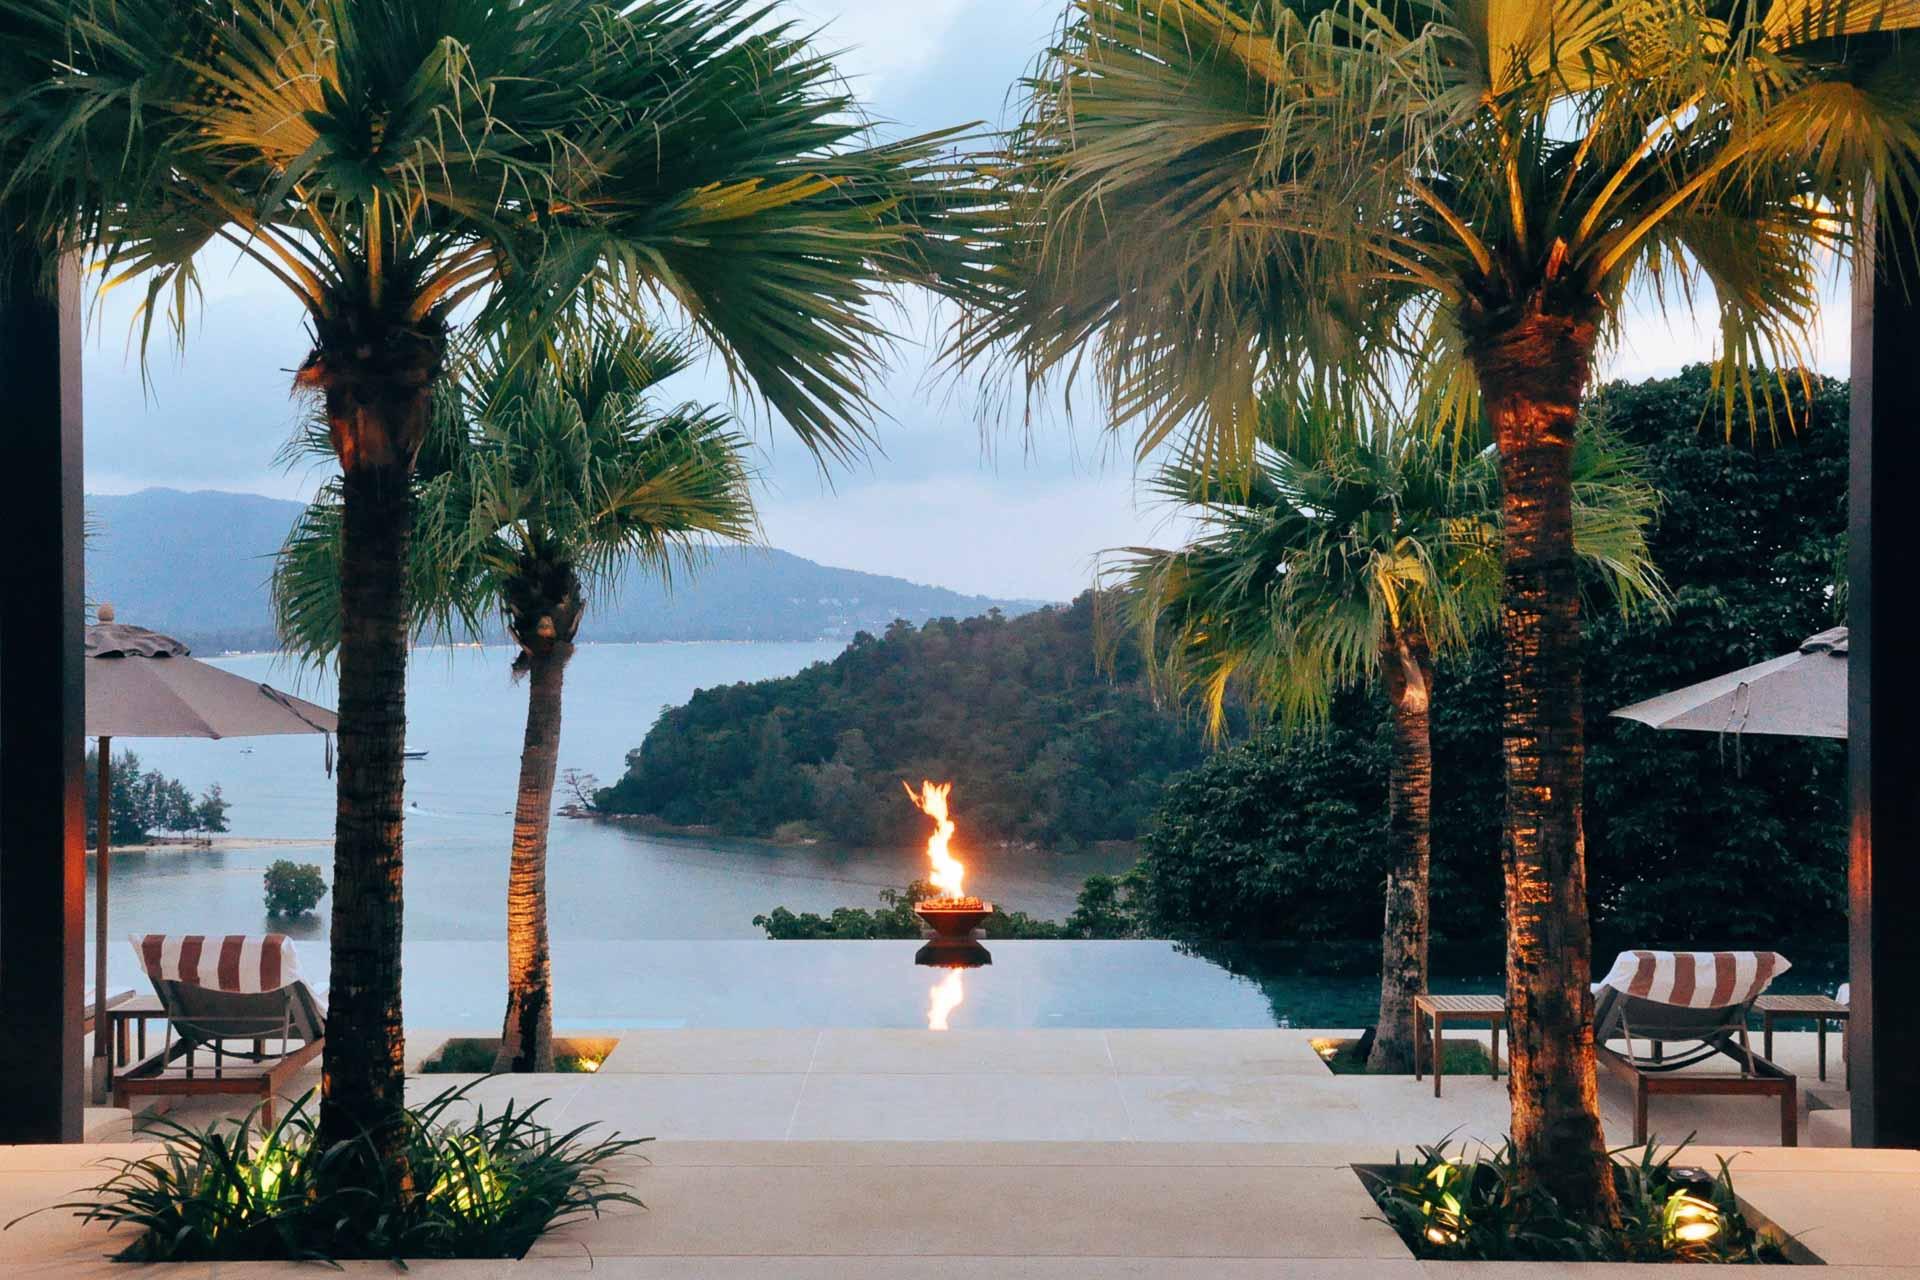 La rédaction de YONDER s'est envolée vers la Thaïlande, le pays du sourire, pour séjourner au splendide Anantara Layan Resort de Phuket. Baie luxuriante et service aux petits soins, on vous partage notre belle expérience au cœur de cette île enchanteresse.